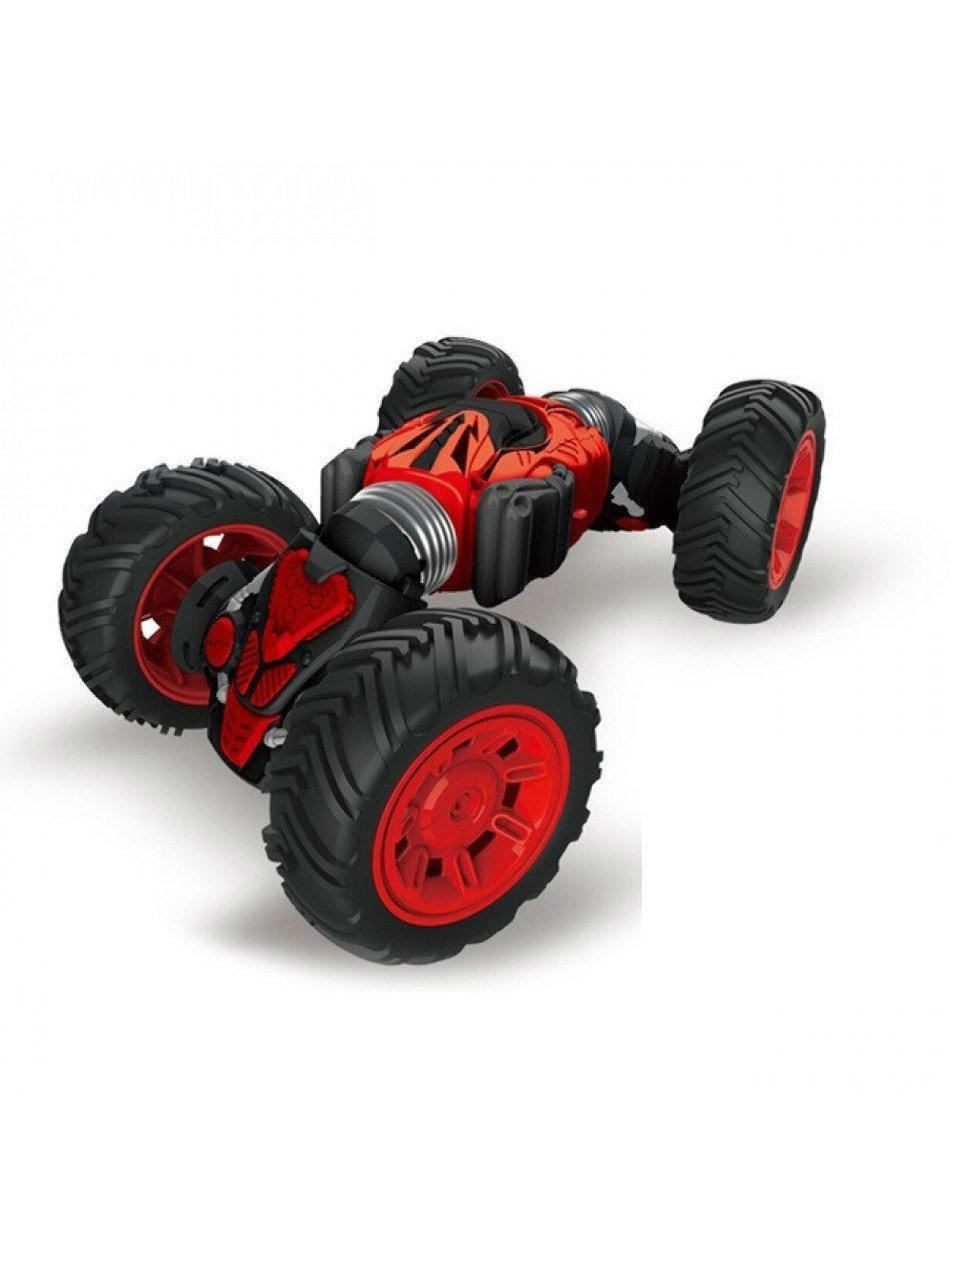 Машинка перевертиш Climber Hyper Climbing Car Champions Хайпер 40 см на радіокеруванні Red